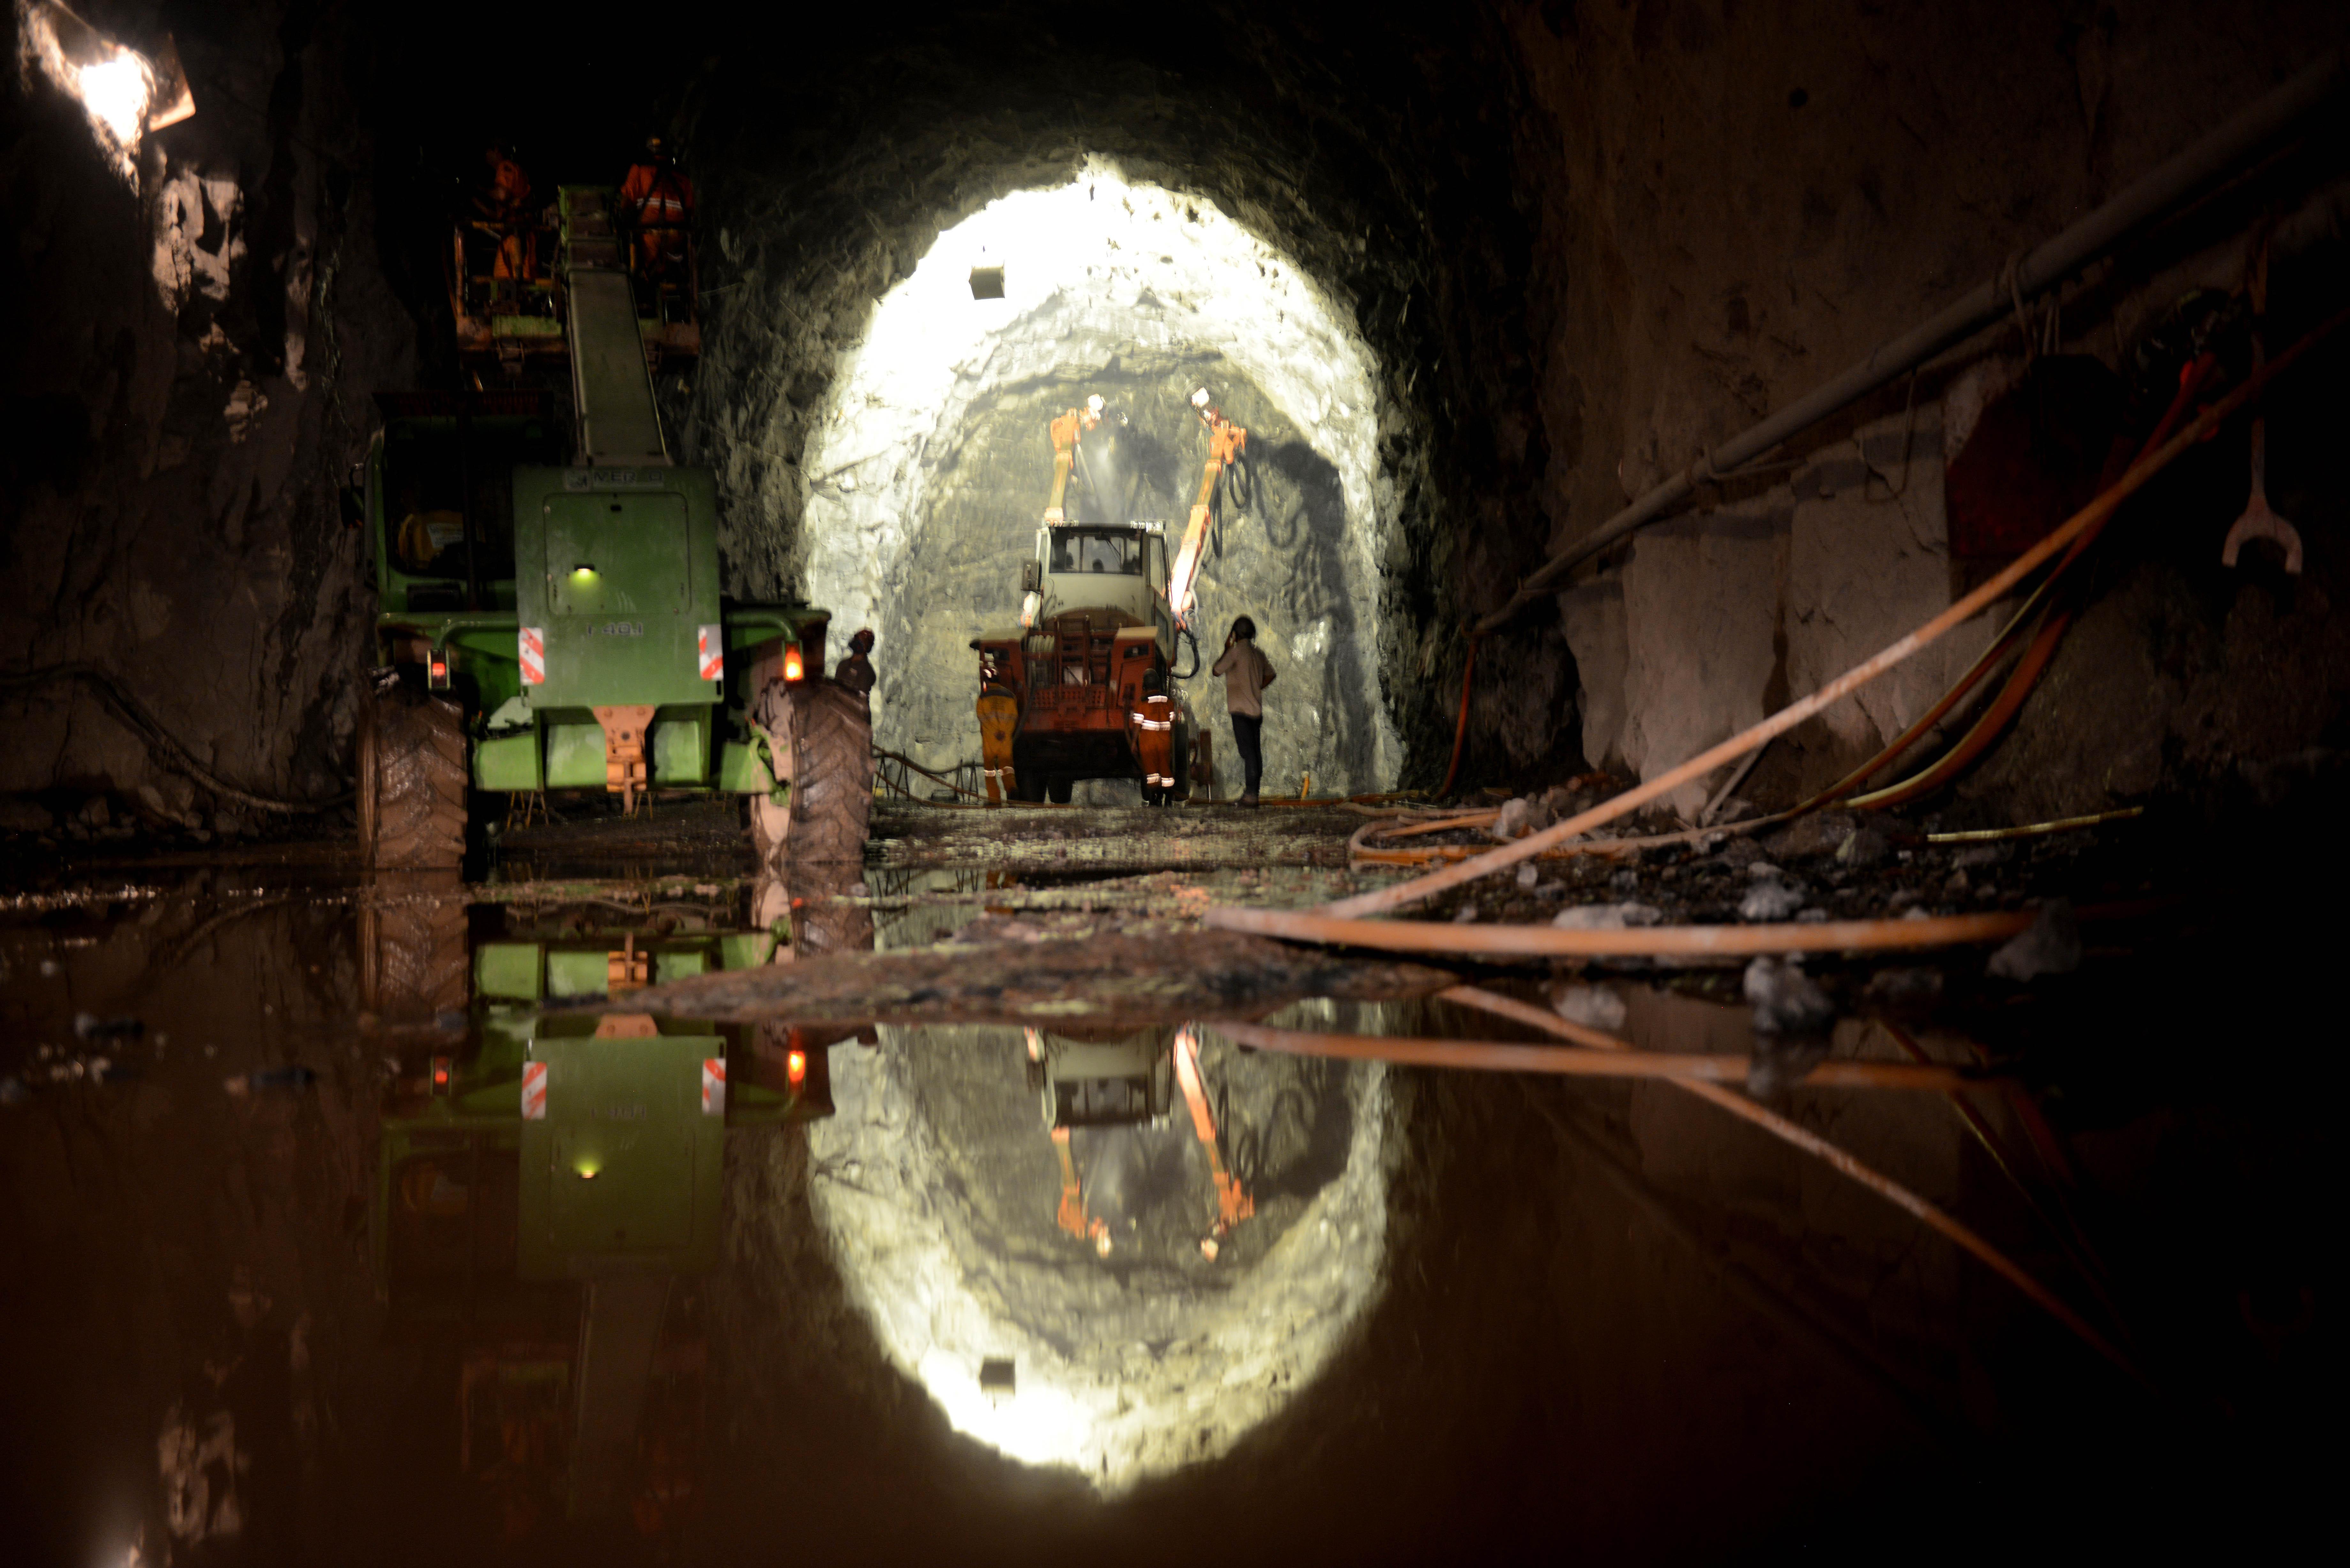 Túneis do Cuncas: obra de 15 quilômetros faz parte da transposição do rio São Francisco, cuja conclusão já está atrasada em cinco anos